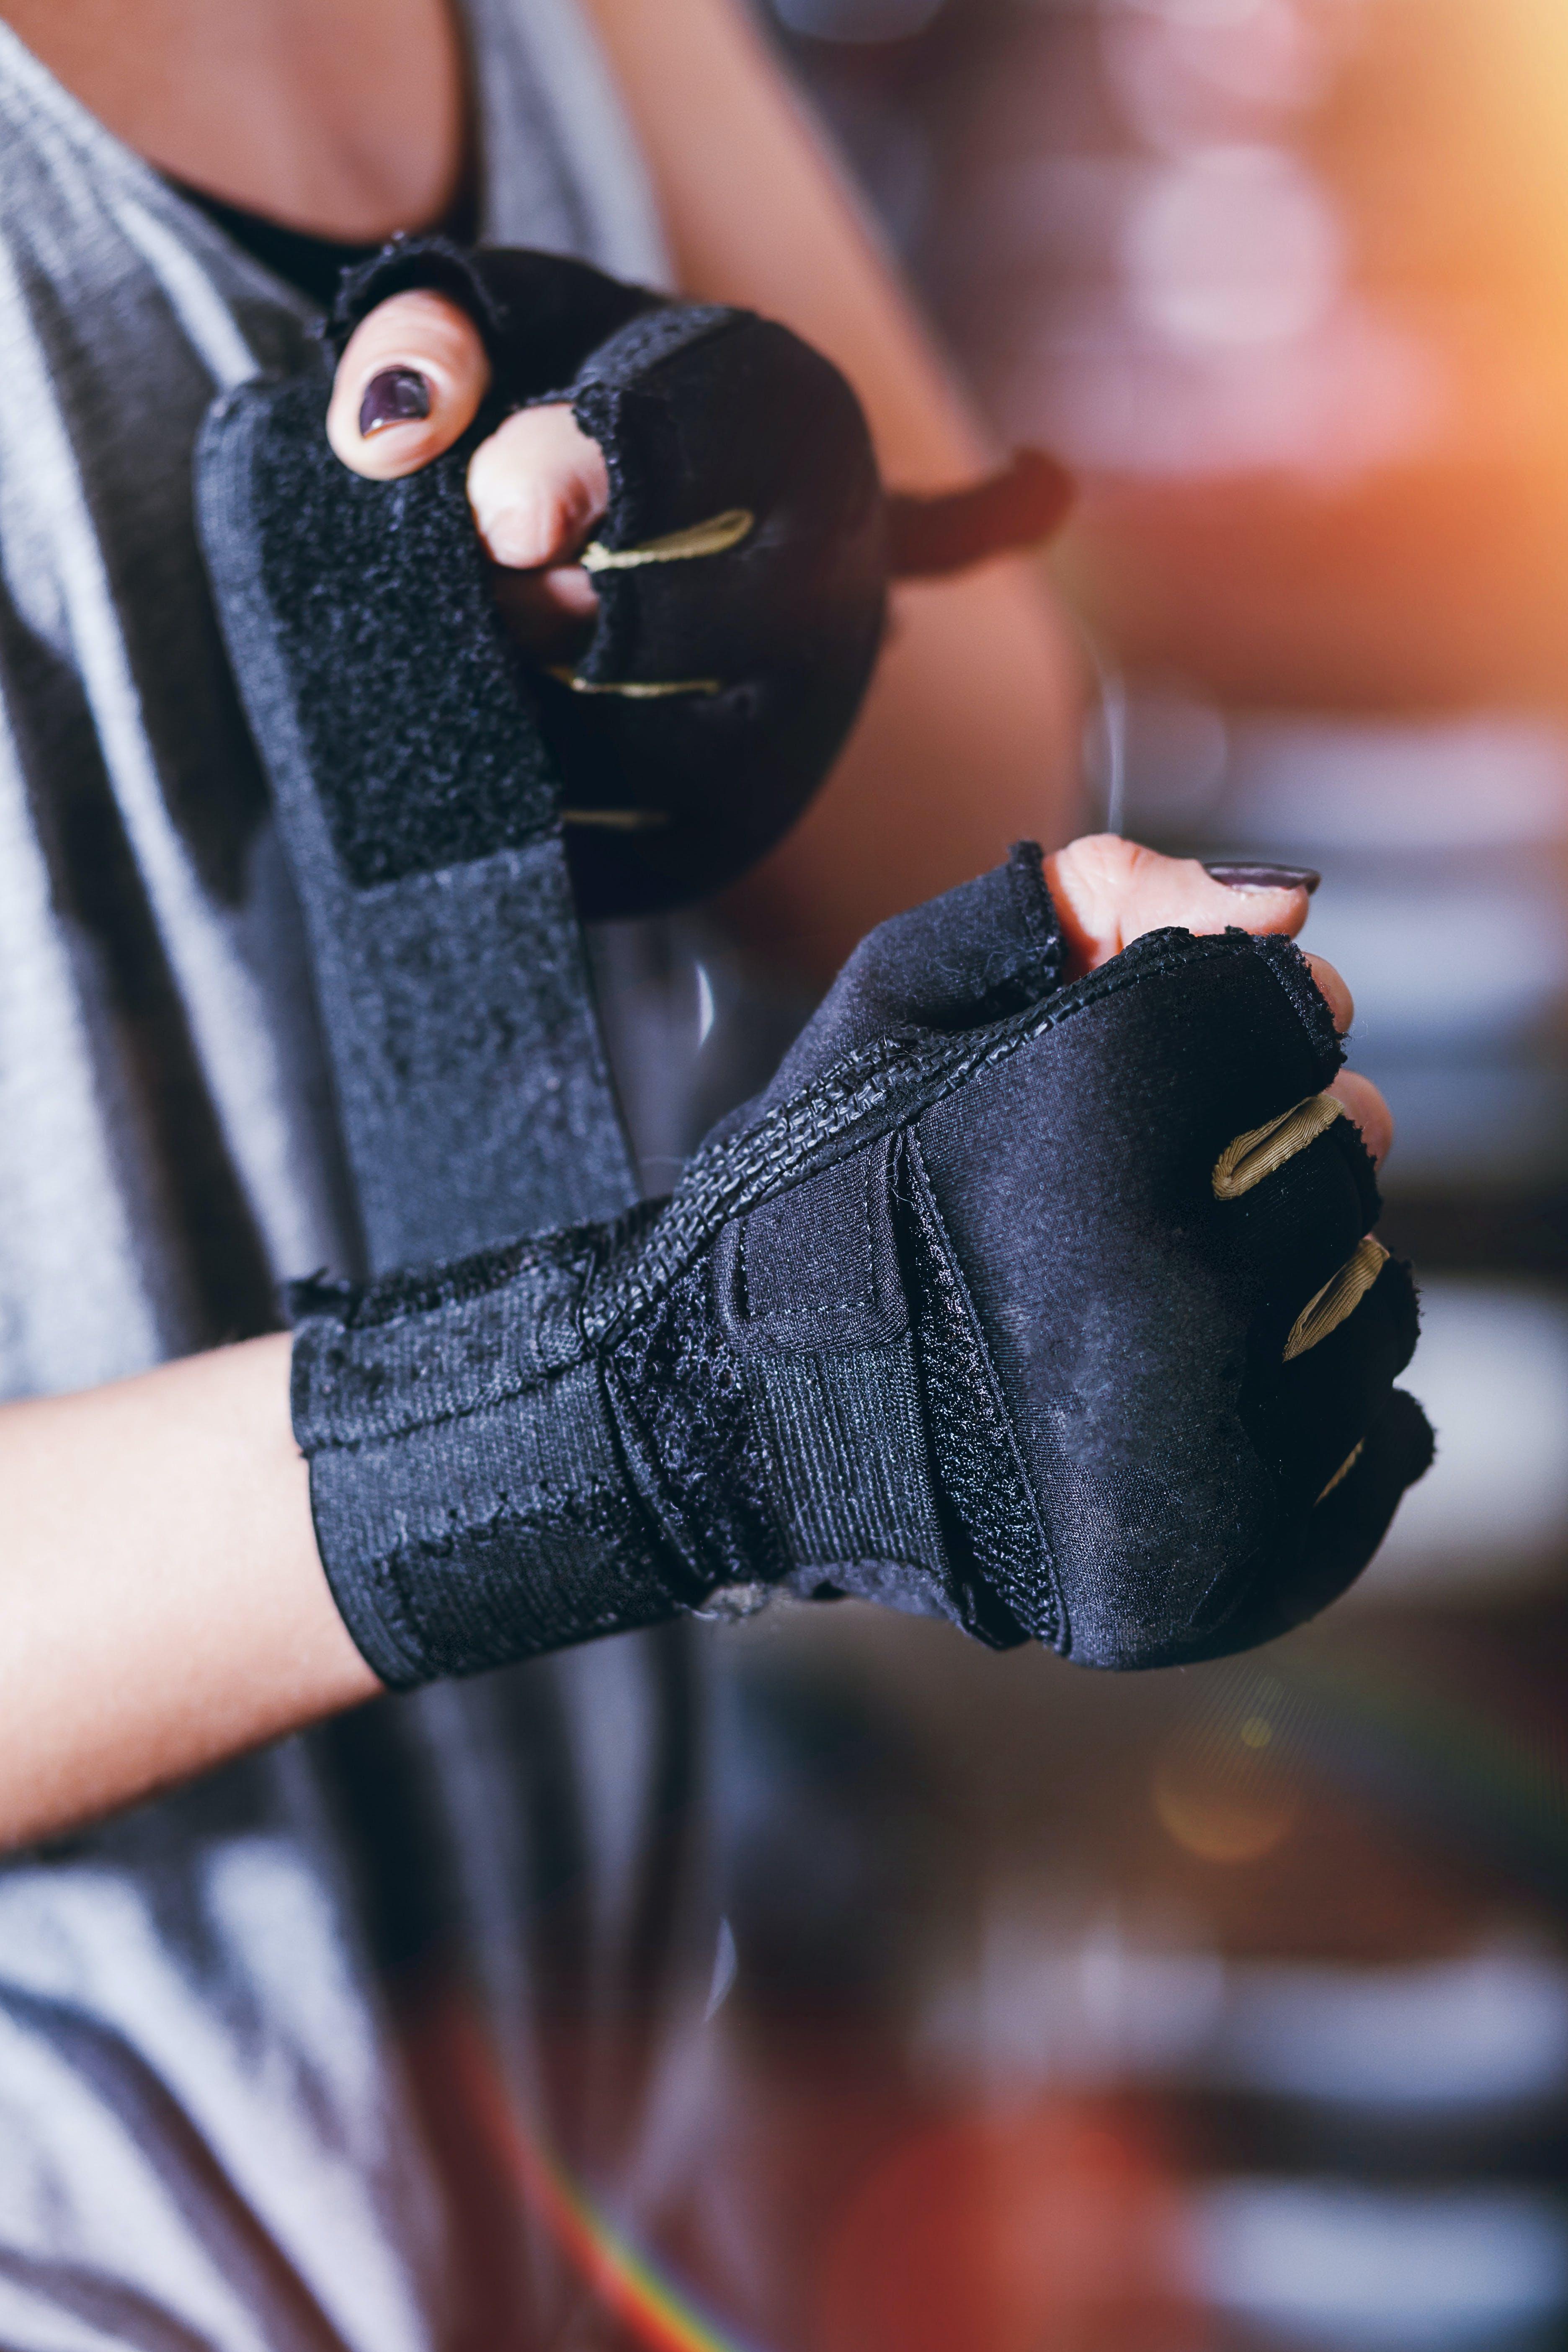 專注, 手, 手套, 景深 的 免費圖庫相片